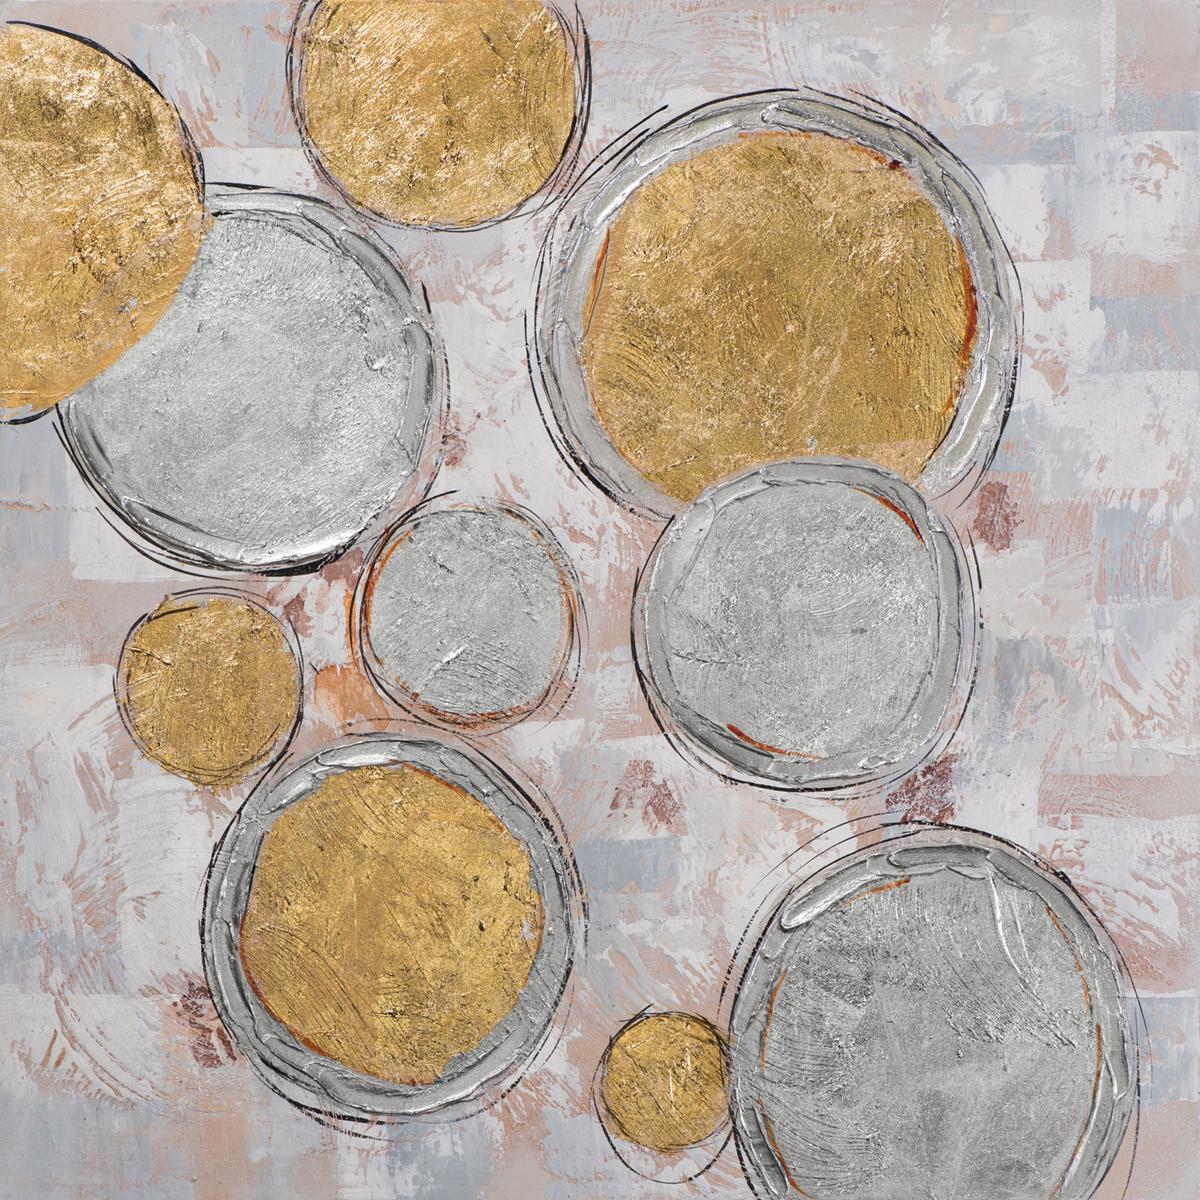 Tableau Abstrait 100x100 Argenté Doré Peinture Acrylique Et Feuilles Métal